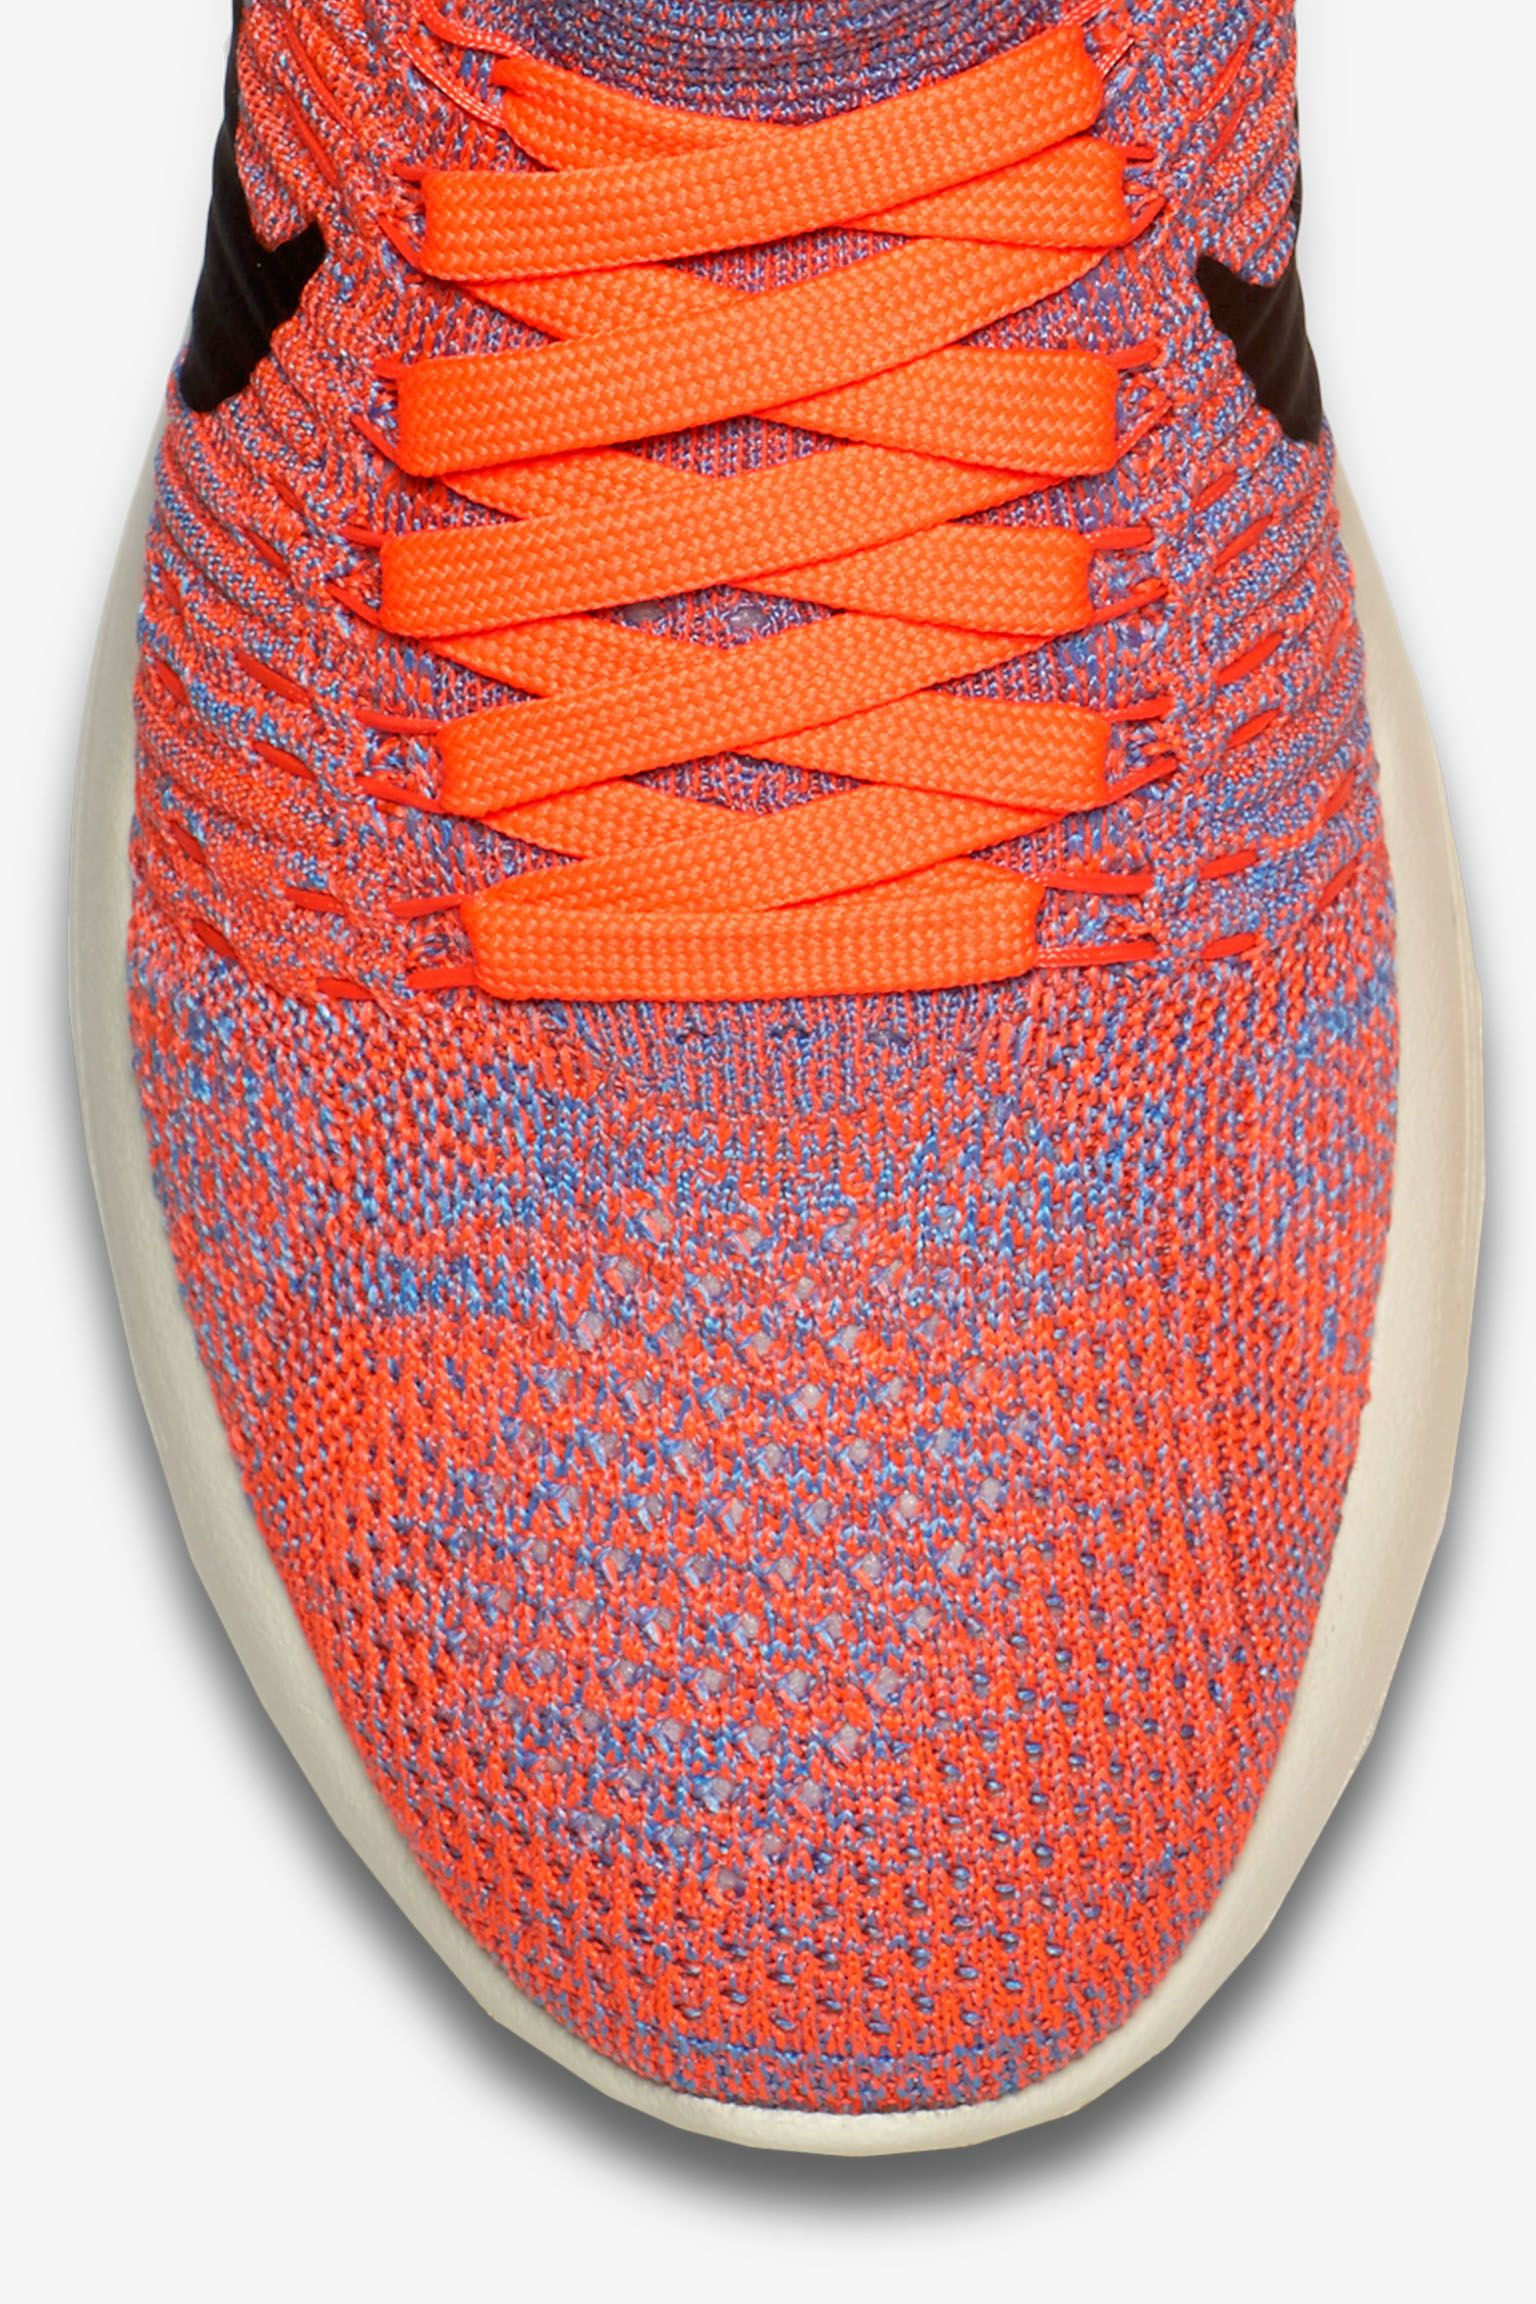 Women's Nike LunarEpic Flyknit 'University Blue & Hyper Orange'